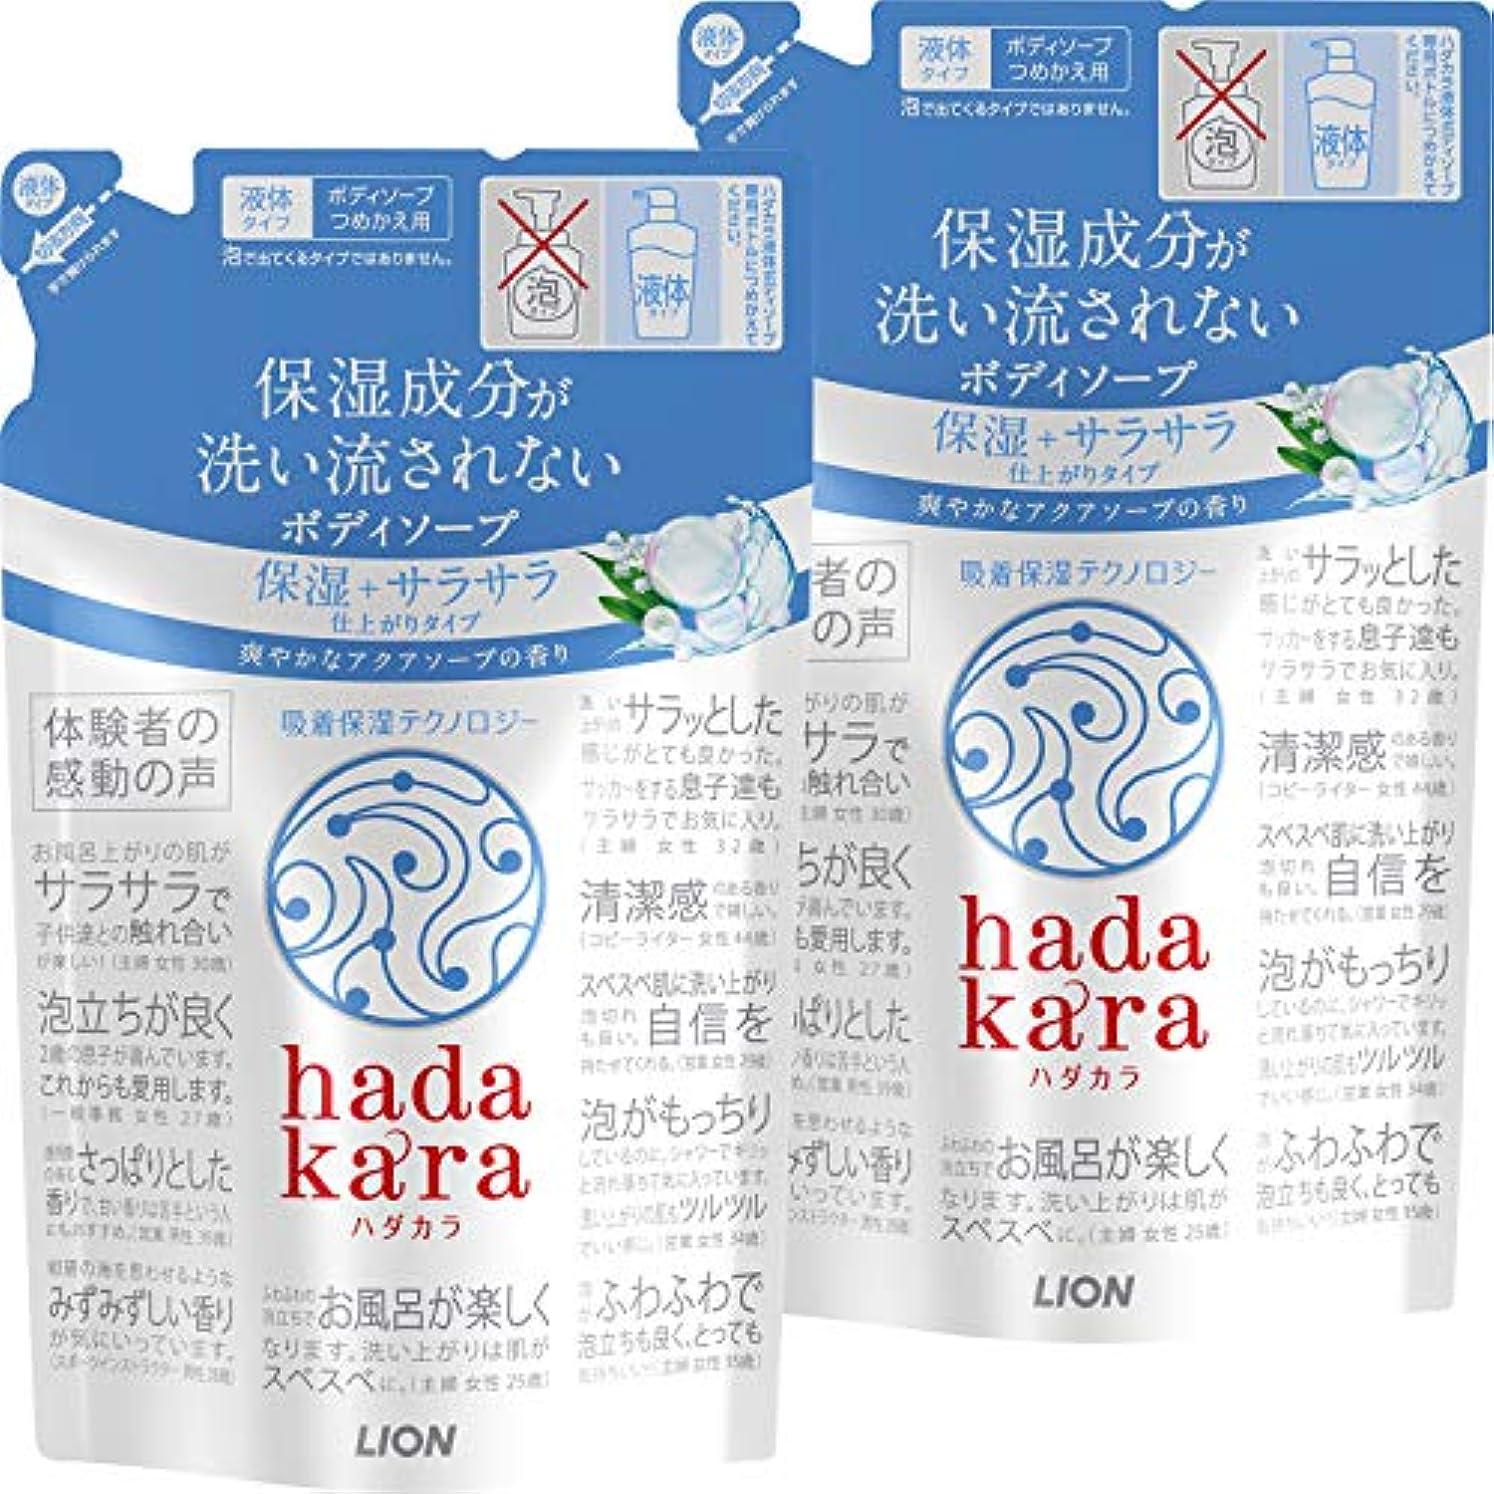 傷跡図時刻表hadakara(ハダカラ)ボディソープ 保湿+サラサラ仕上がりタイプ アクアソープの香り つめかえ用 340ml×2個パック